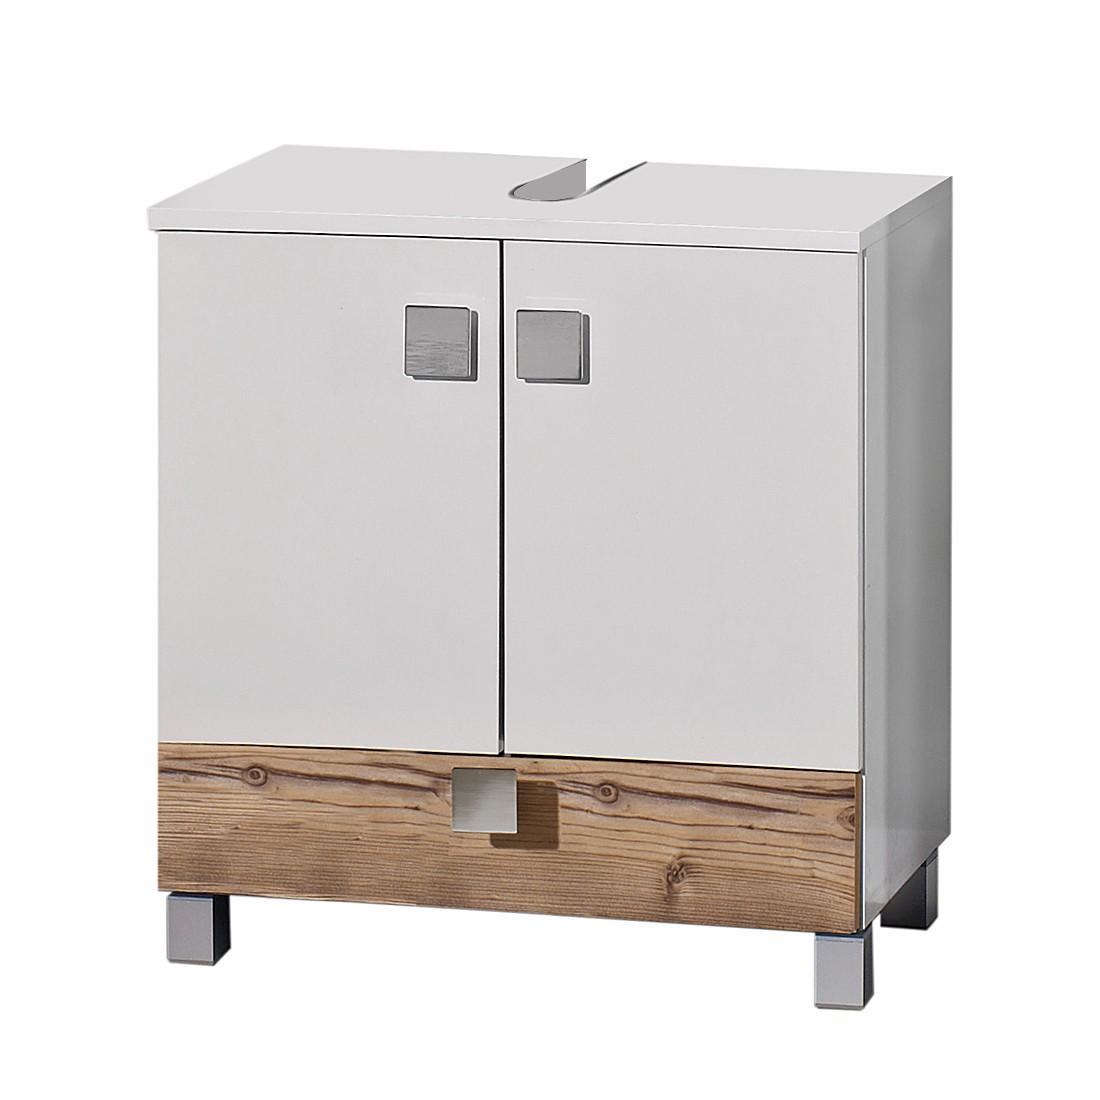 Vente meuble salle de bain meubles sous vasque tritoo for Acheter meubles montreal